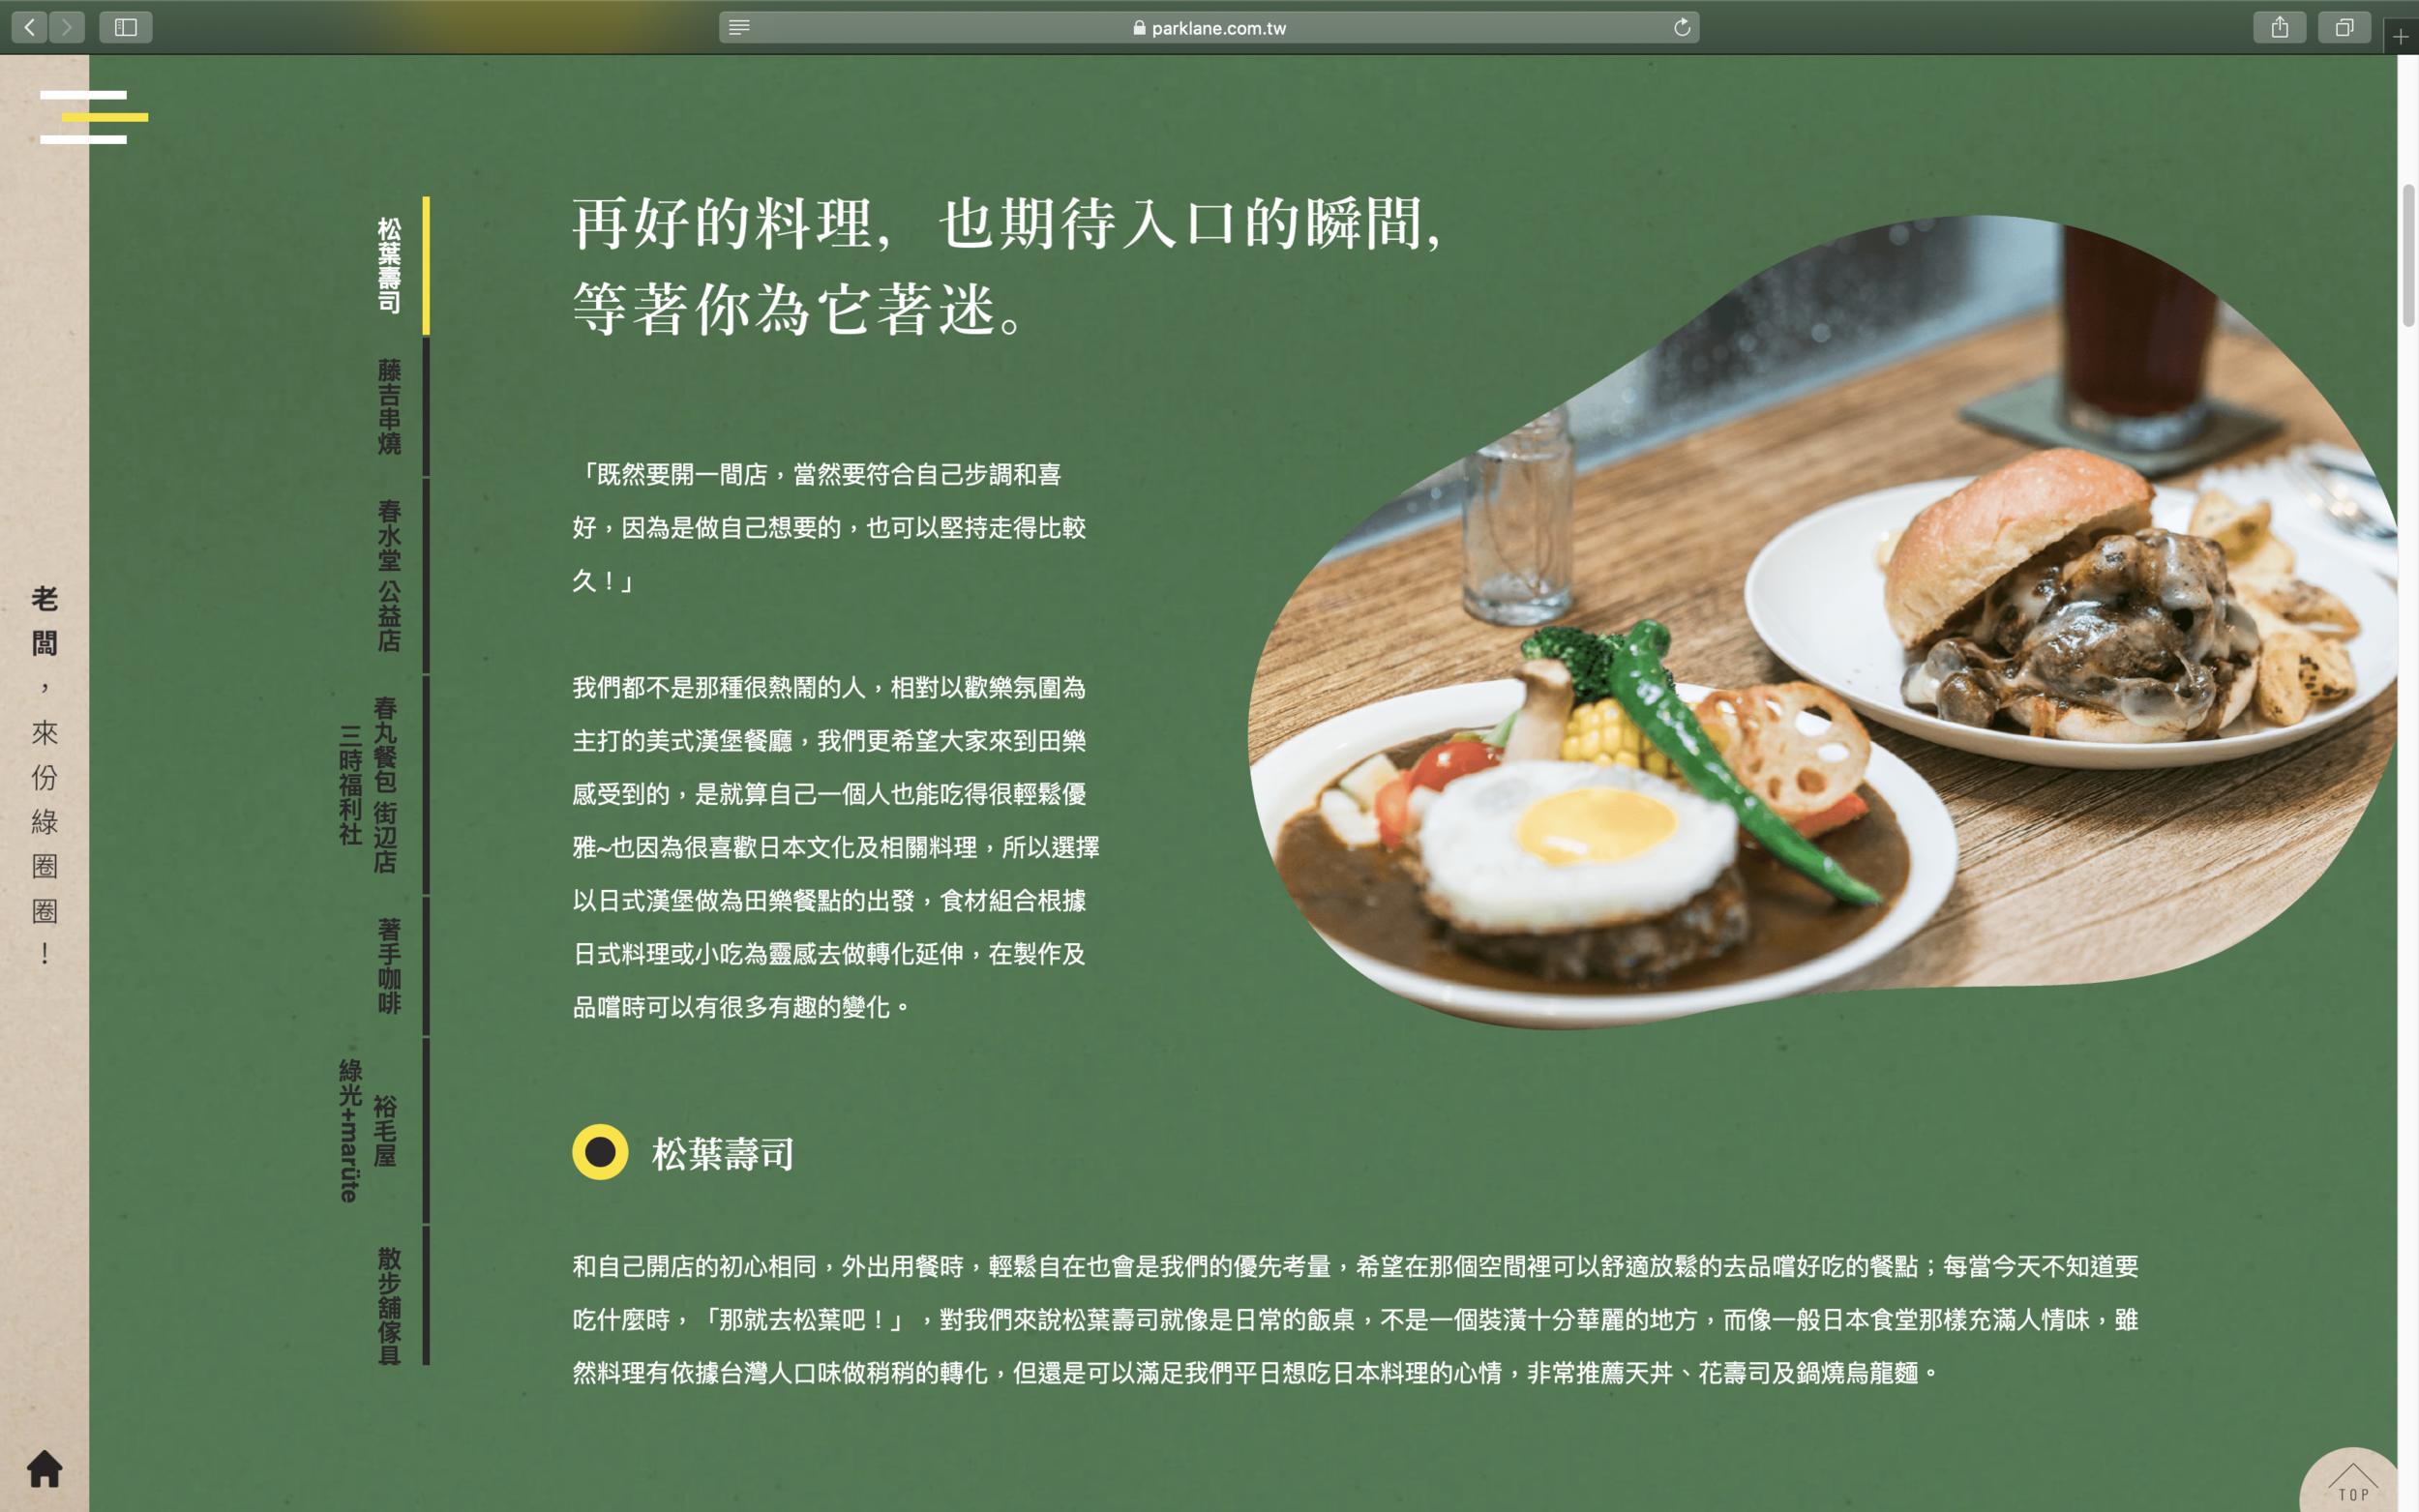 綠圈圈企劃_Web13.png